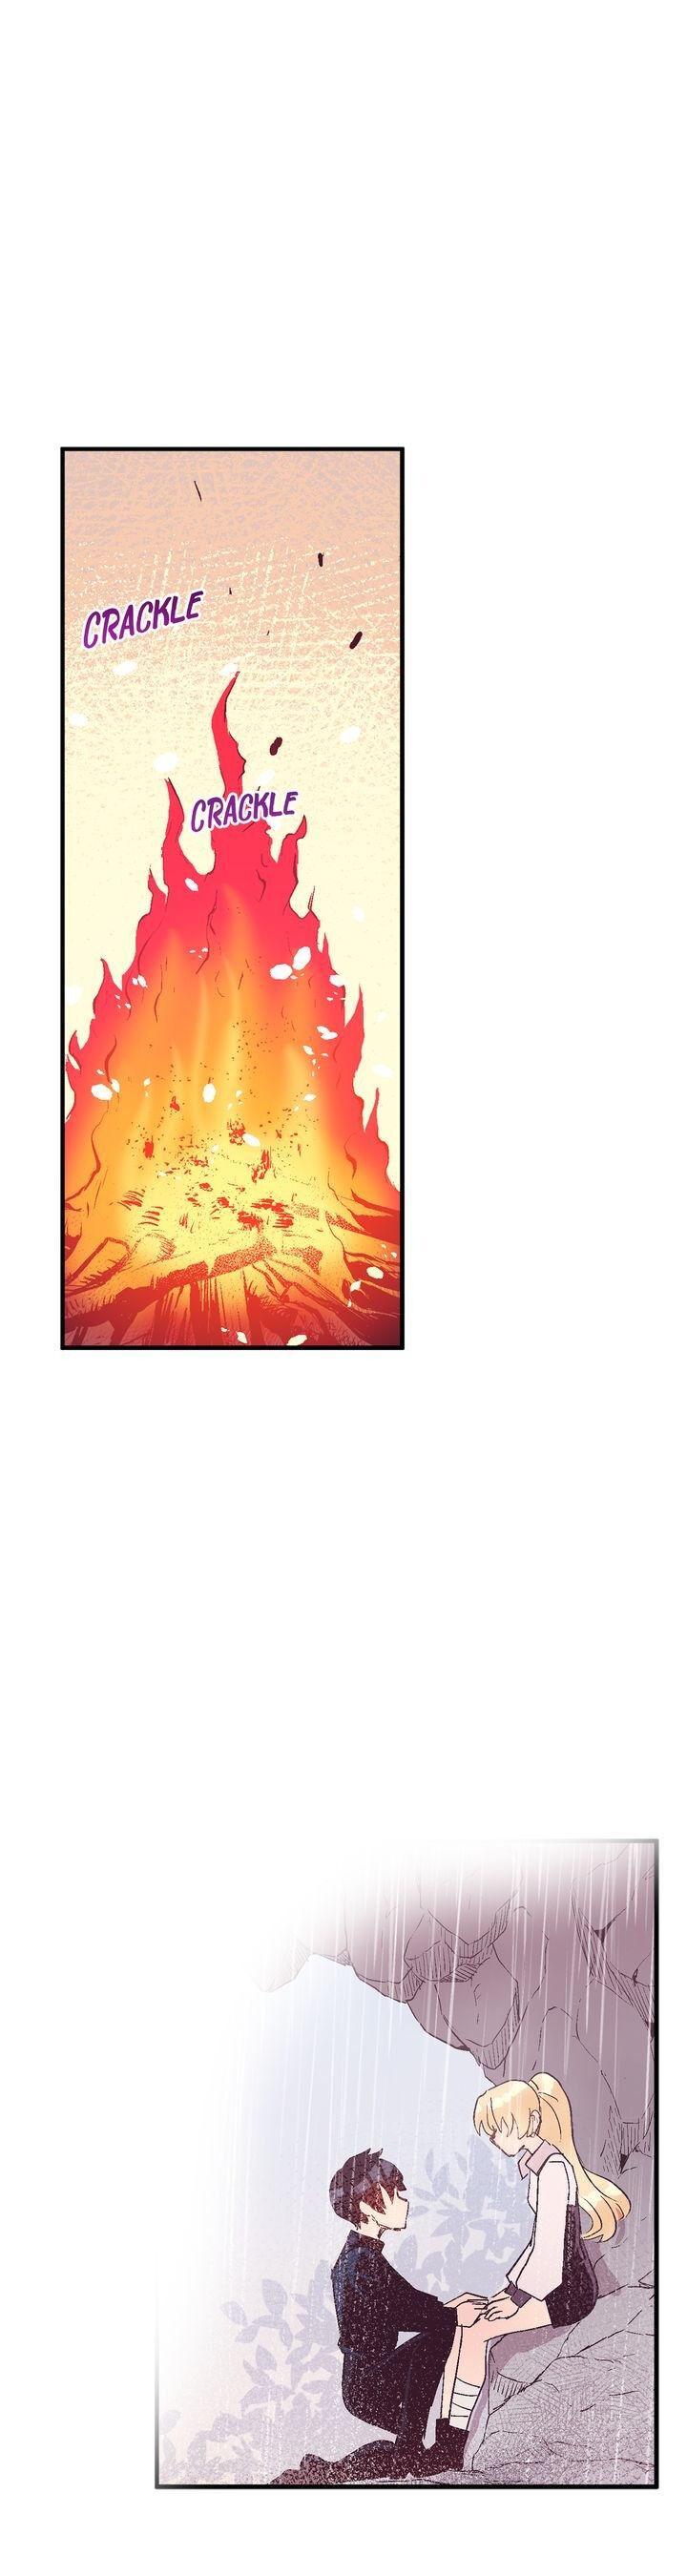 https://img2.nineanime.com/comics/pic4/56/34552/2527975/14749bb109fb4d289fd6969319dbce5b.jpg Page 1